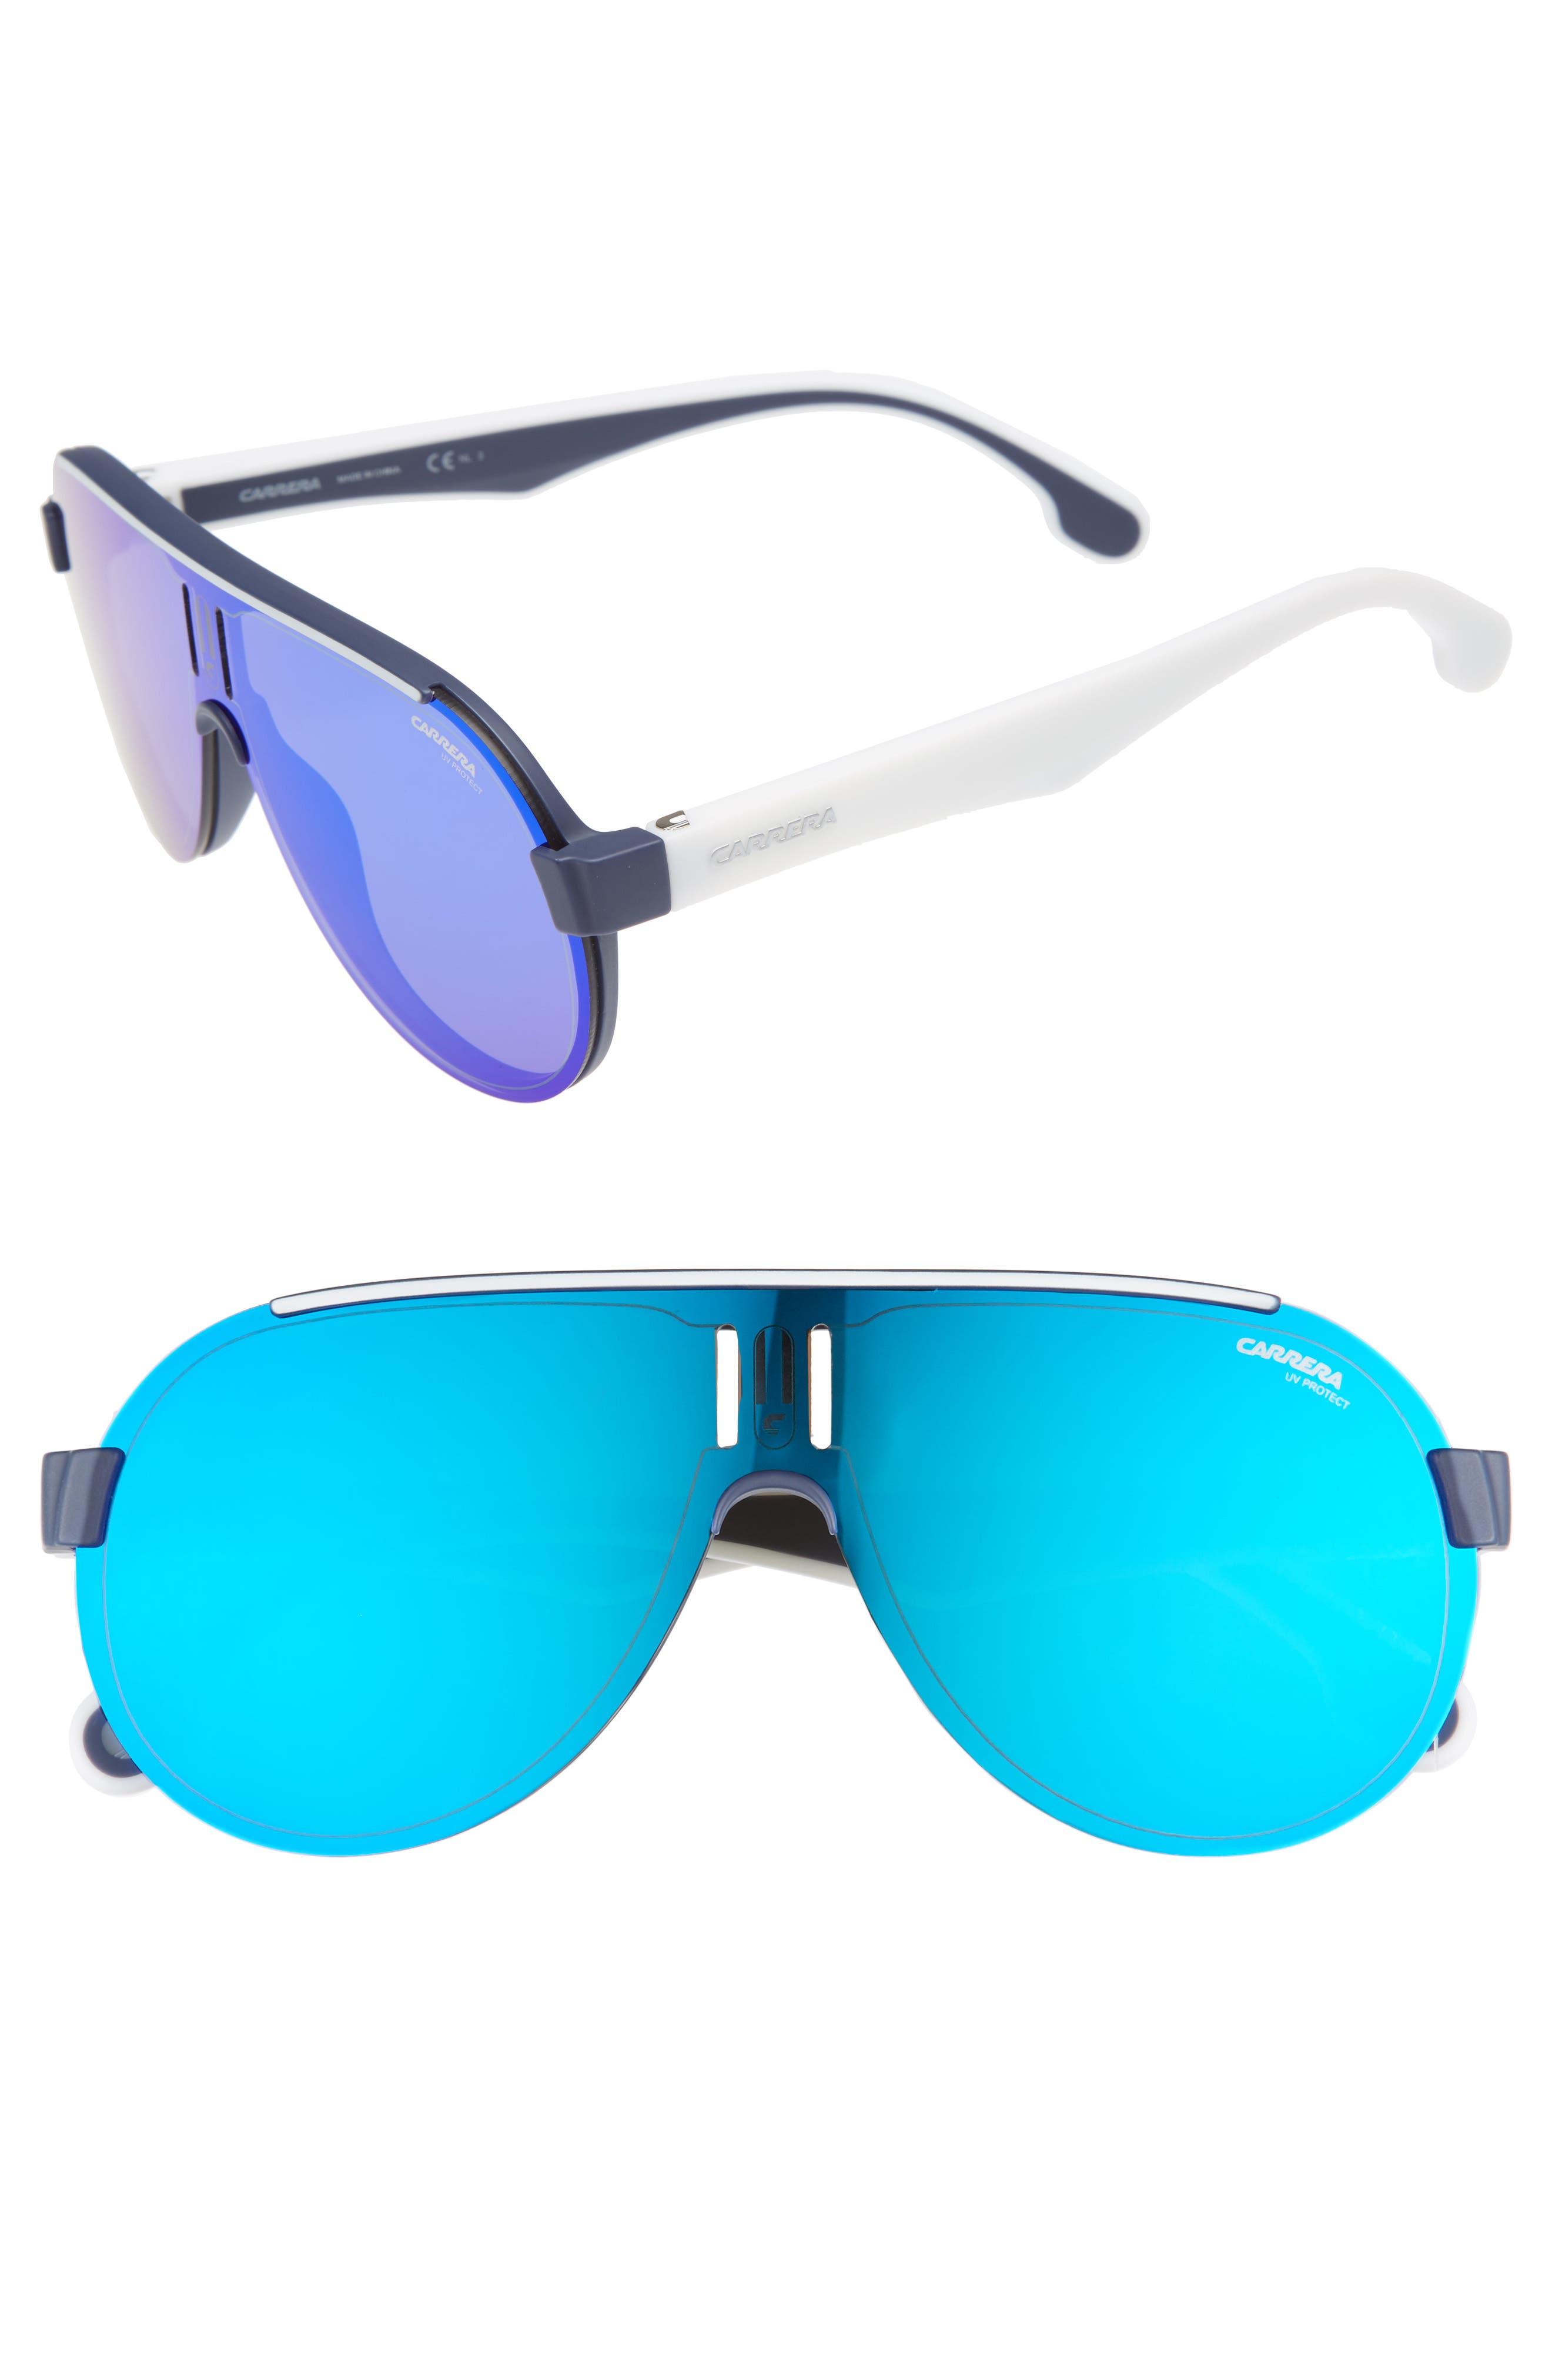 99mm Shield Sunglasses,                         Main,                         color, Matte Blue/ Blue